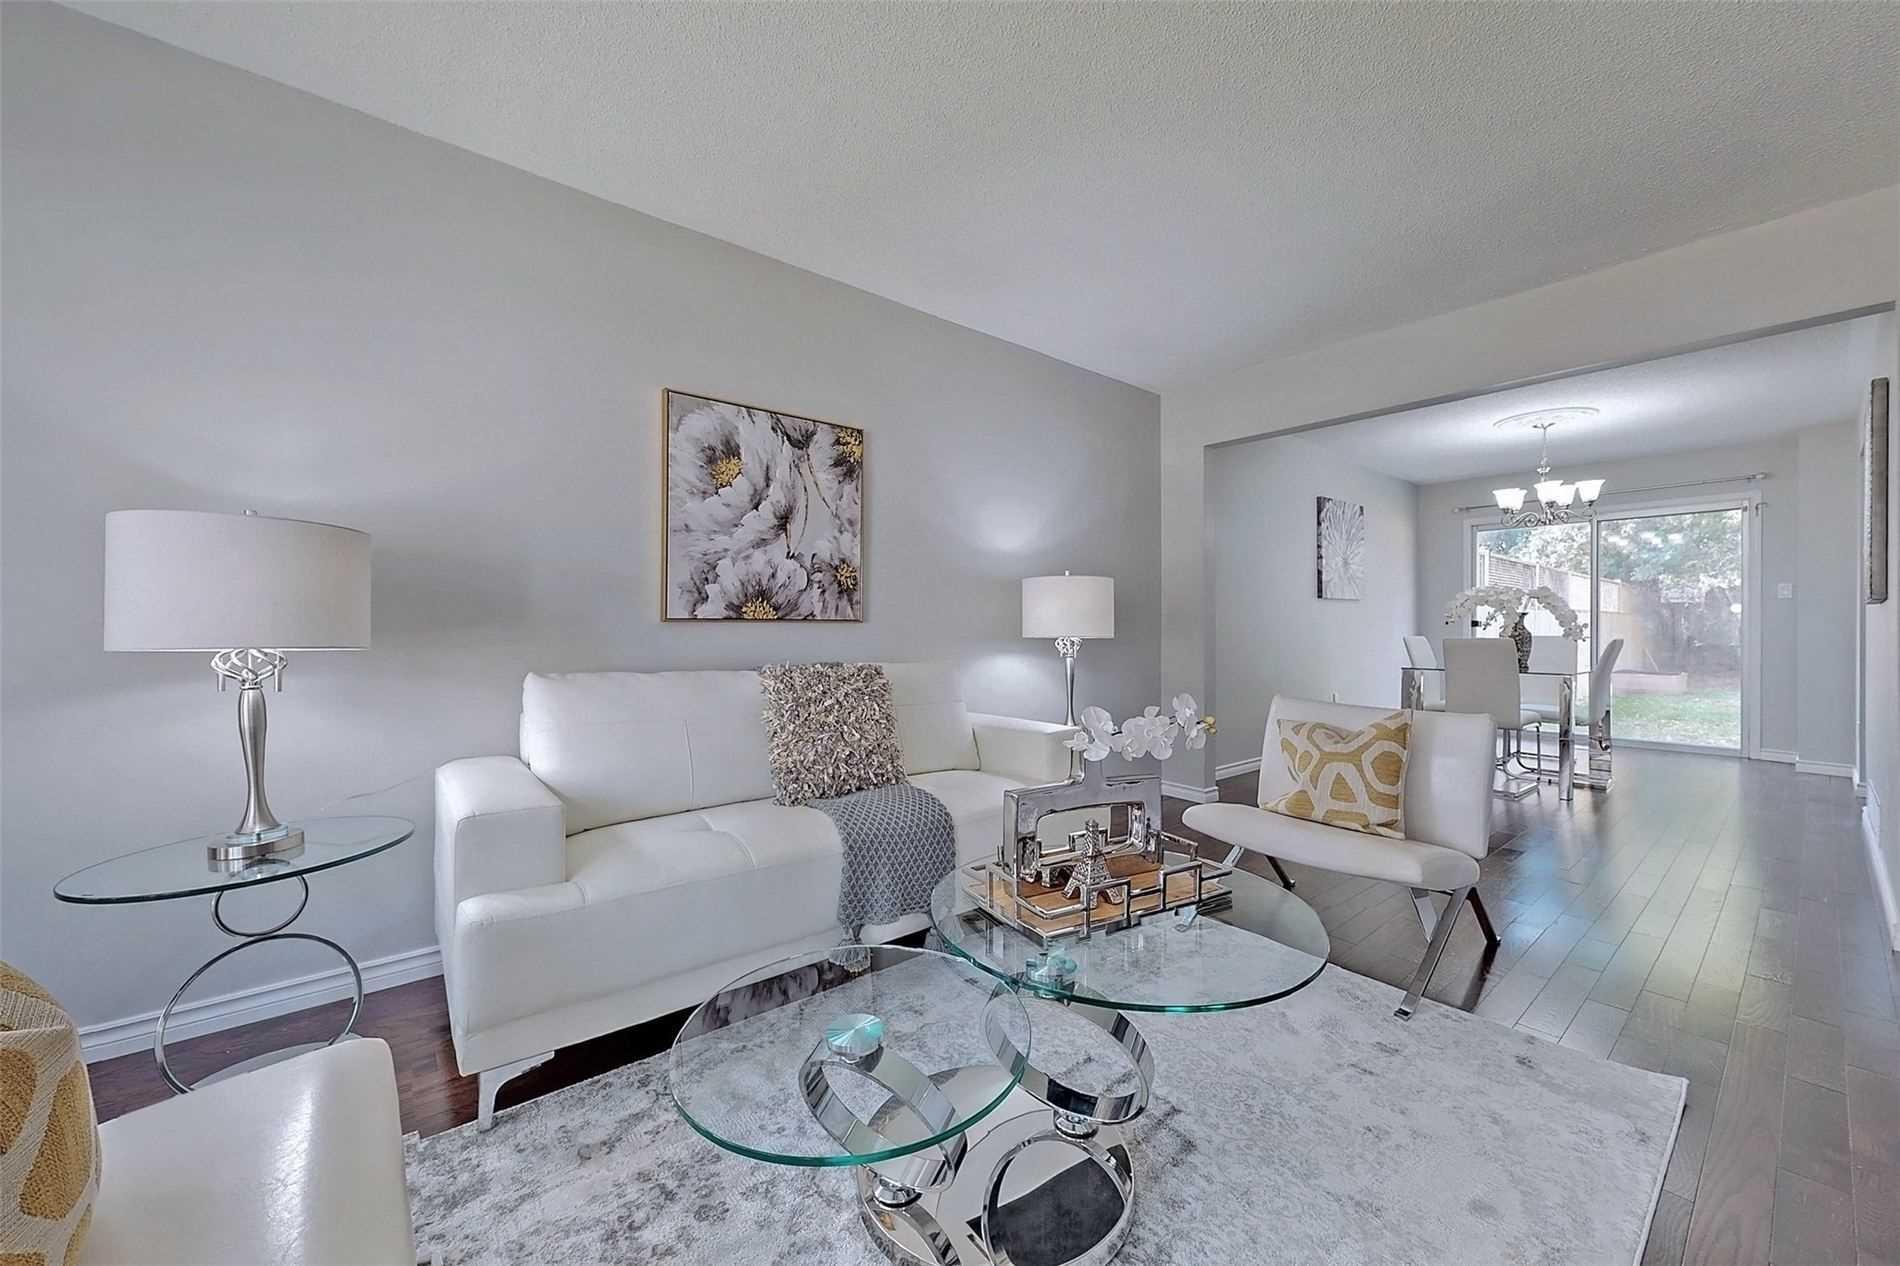 738 Hillcroft St - Eastdale Semi-Detached for sale, 3 Bedrooms (E5409507) - #1